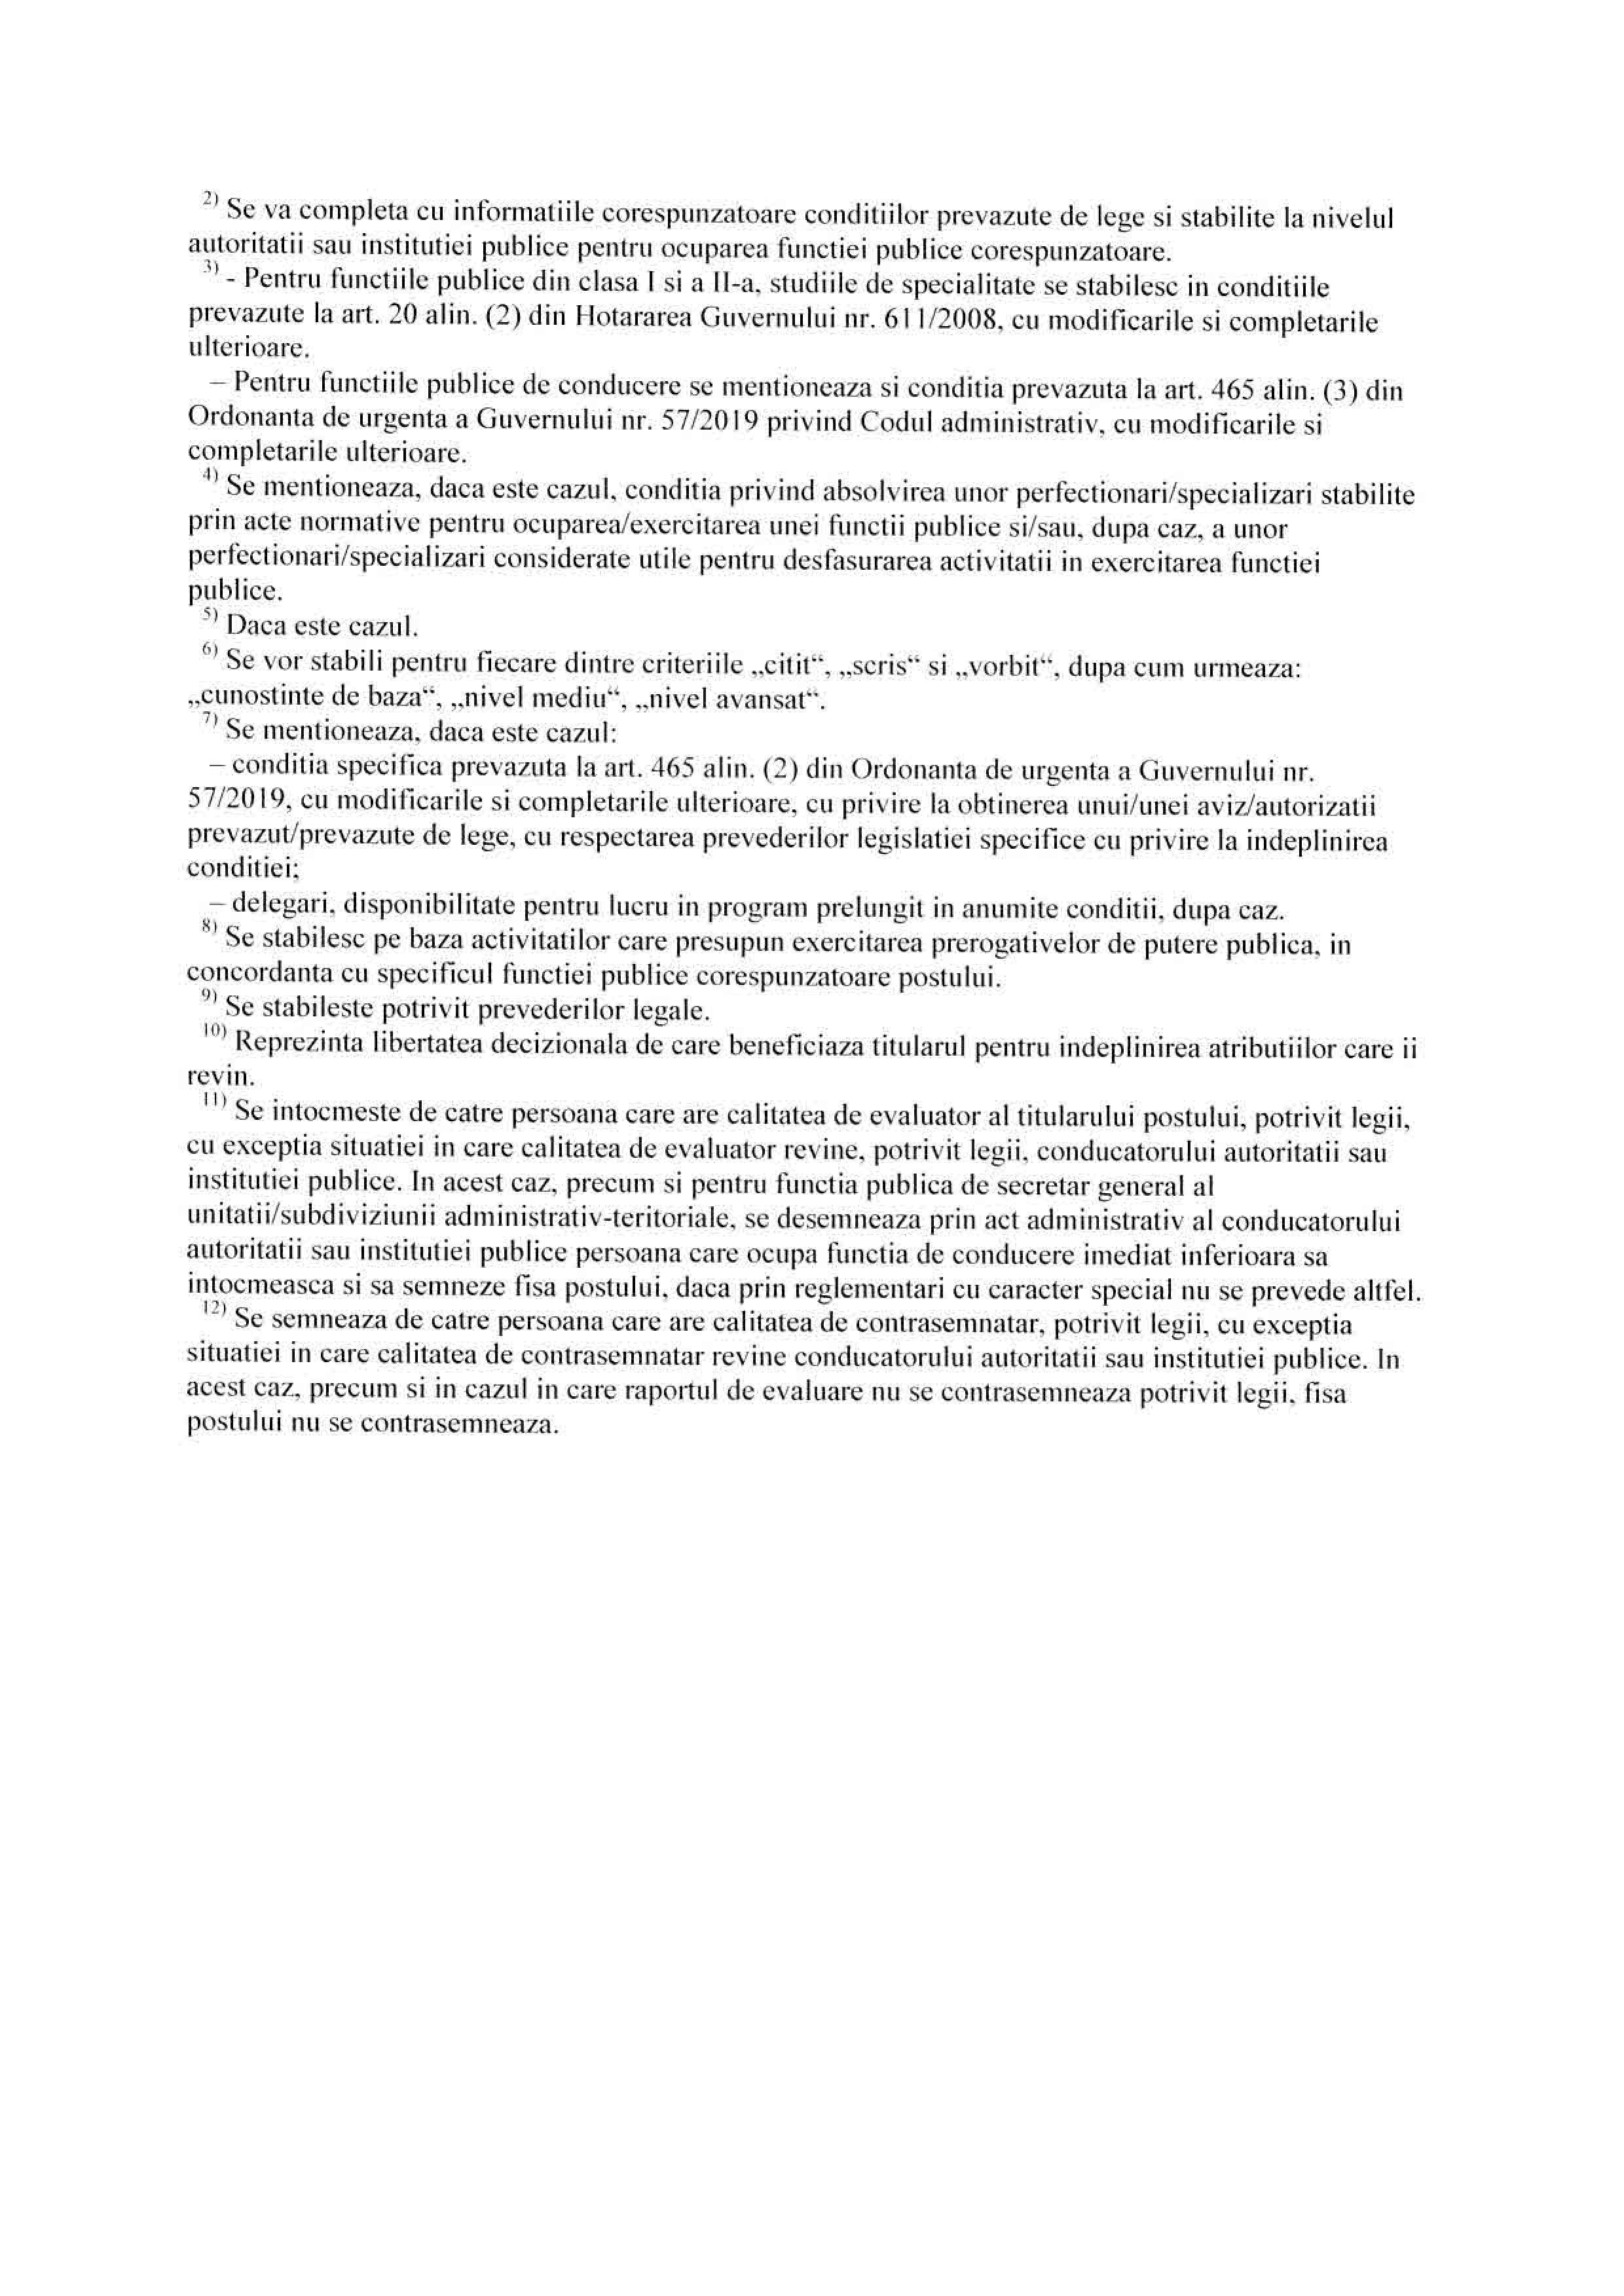 Anunt concurs functii pblice_15